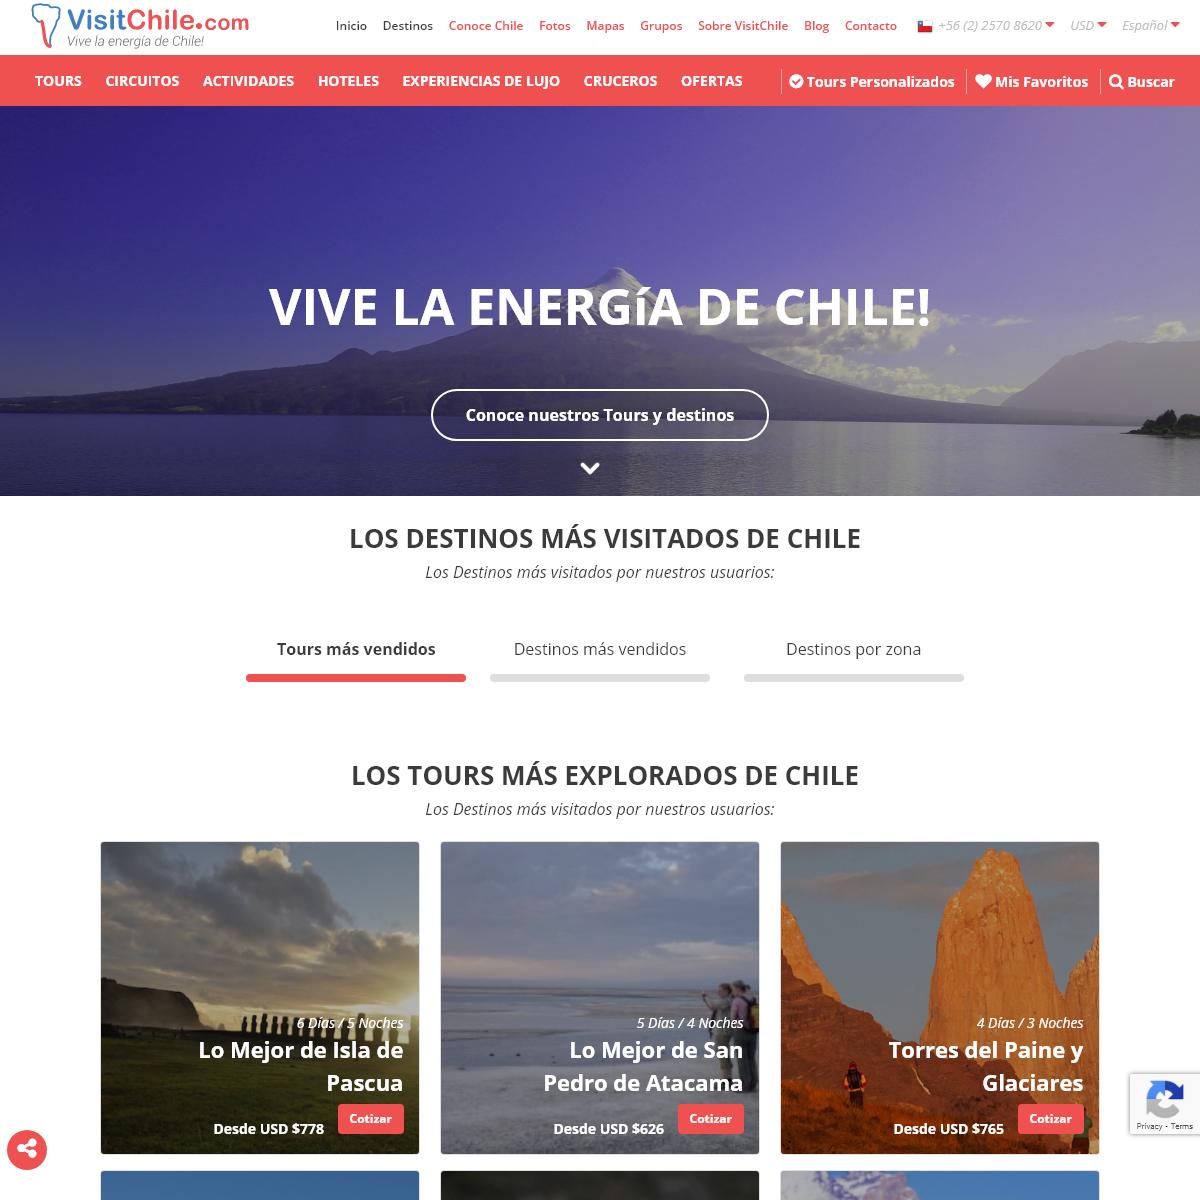 Chile Tours, Hoteles, Viajes y Turismo